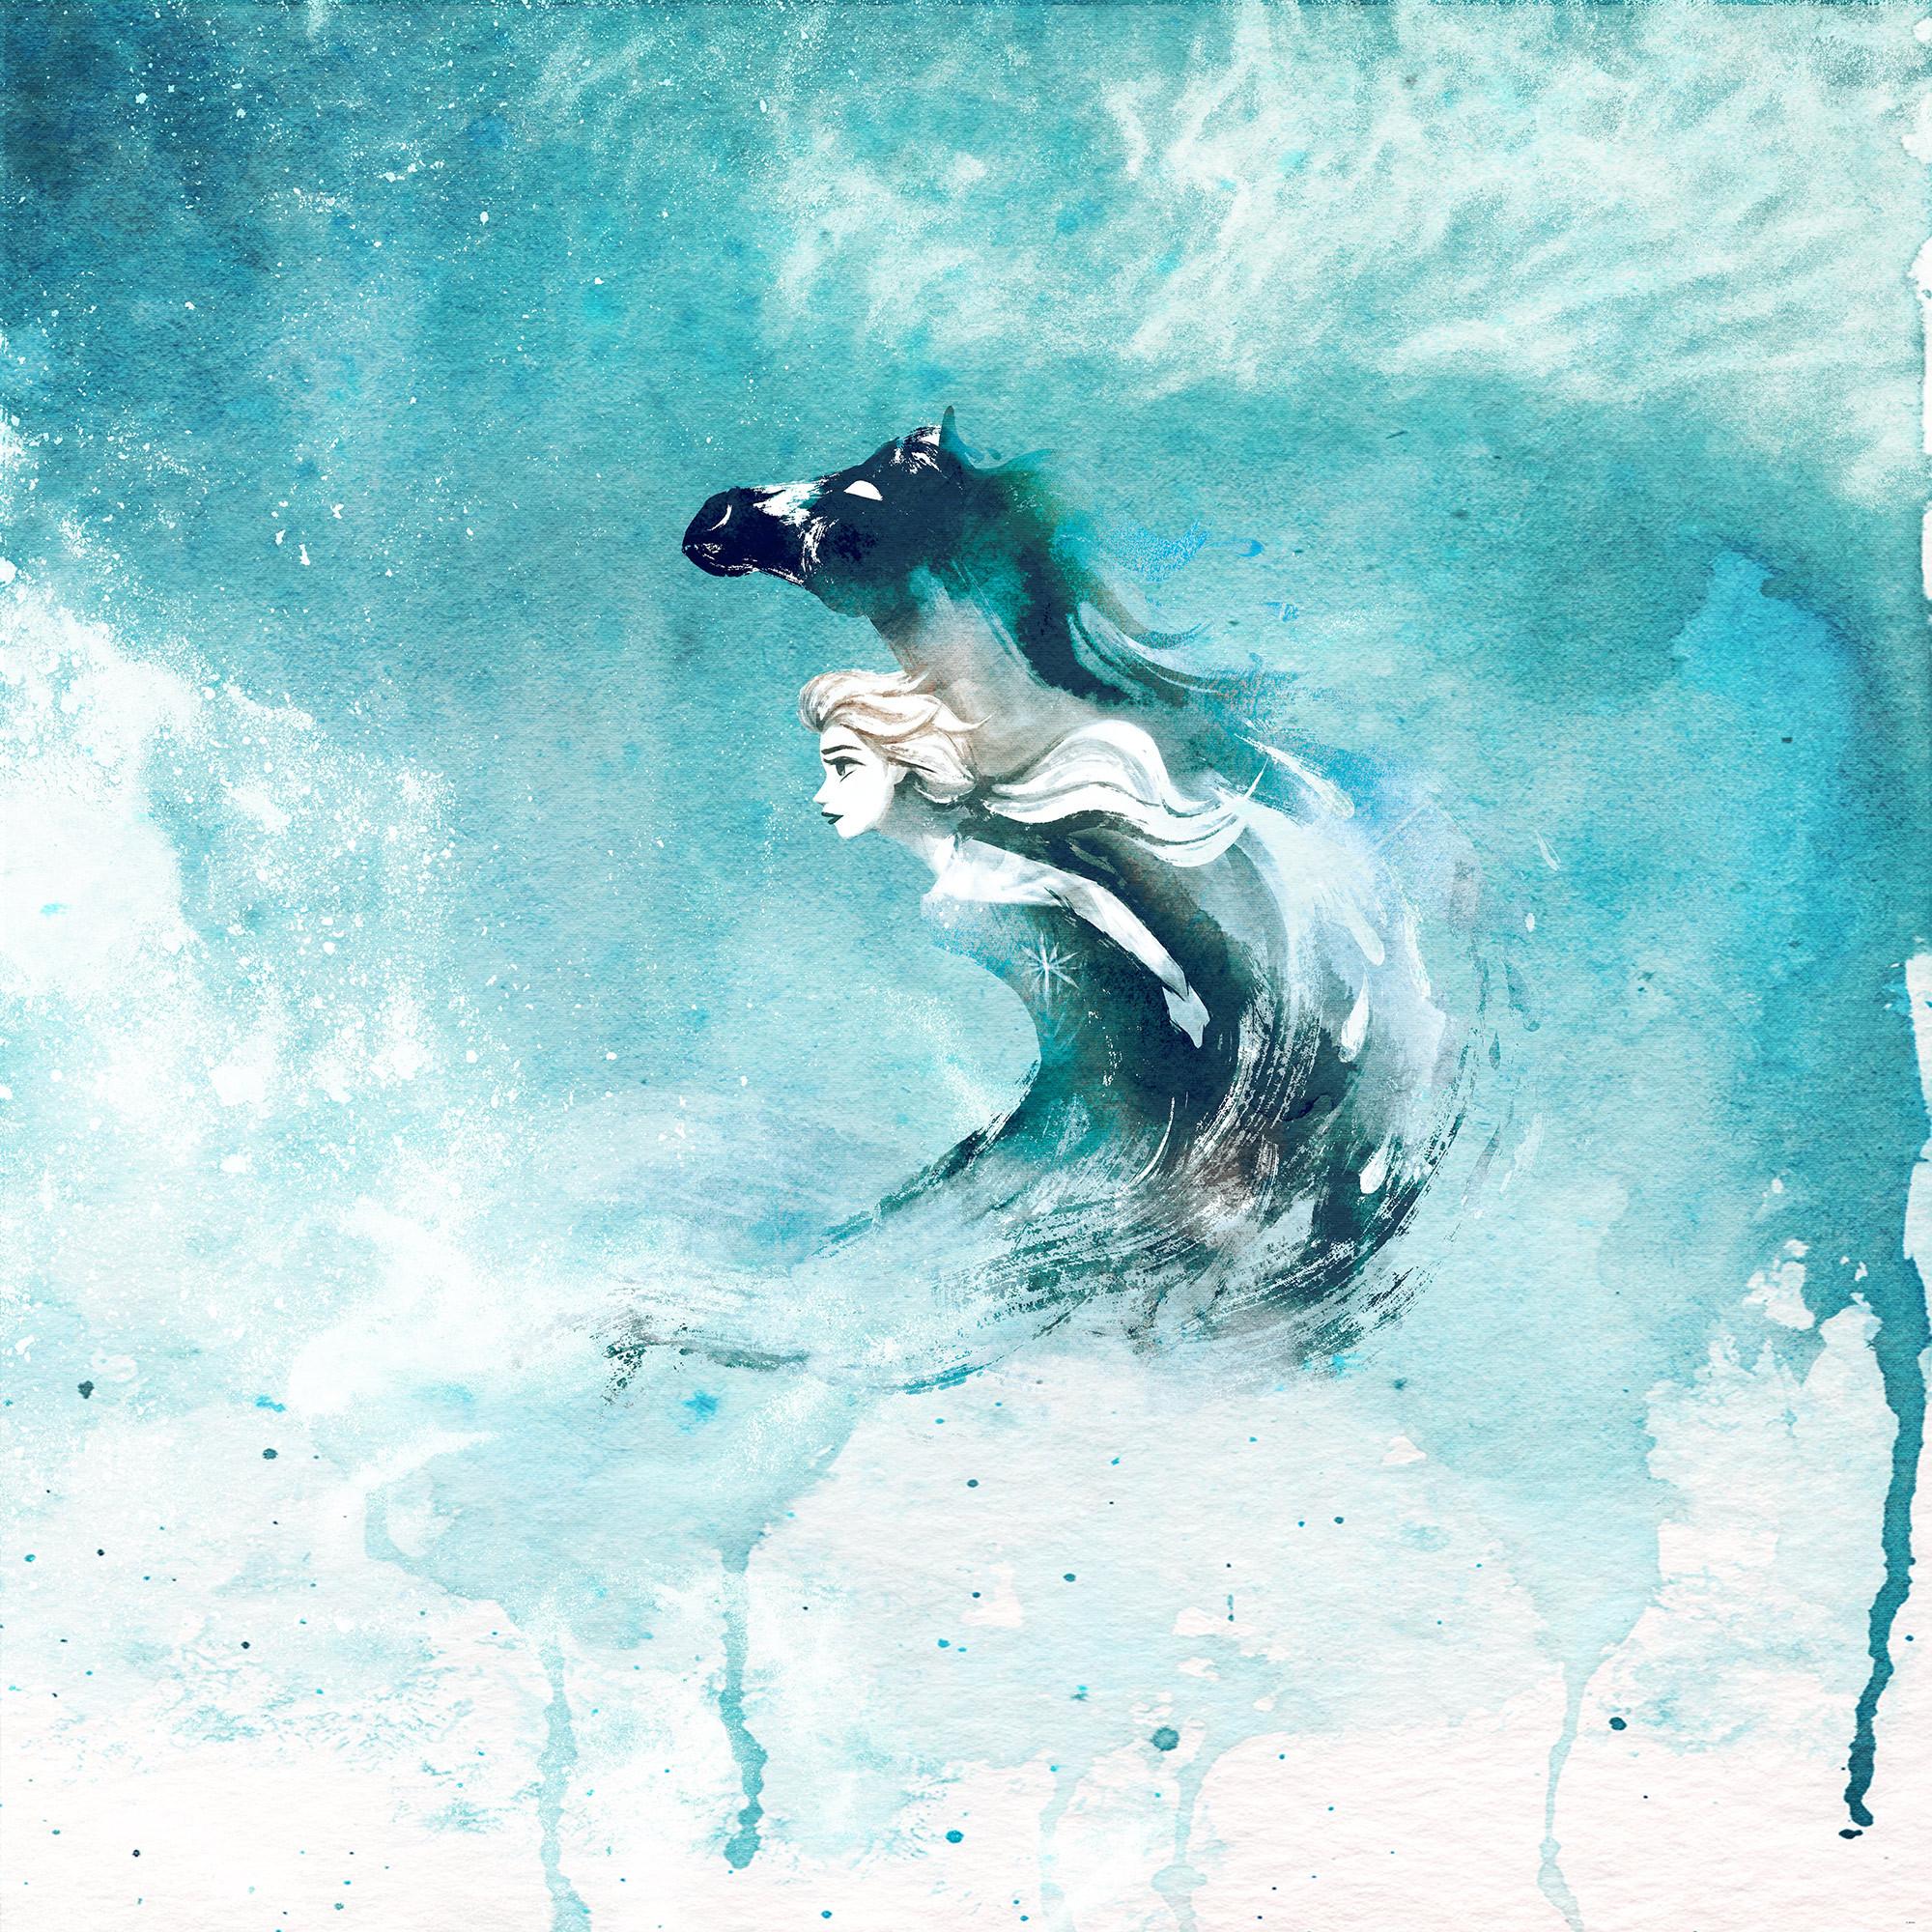 Frozen Spirit Of Wonder